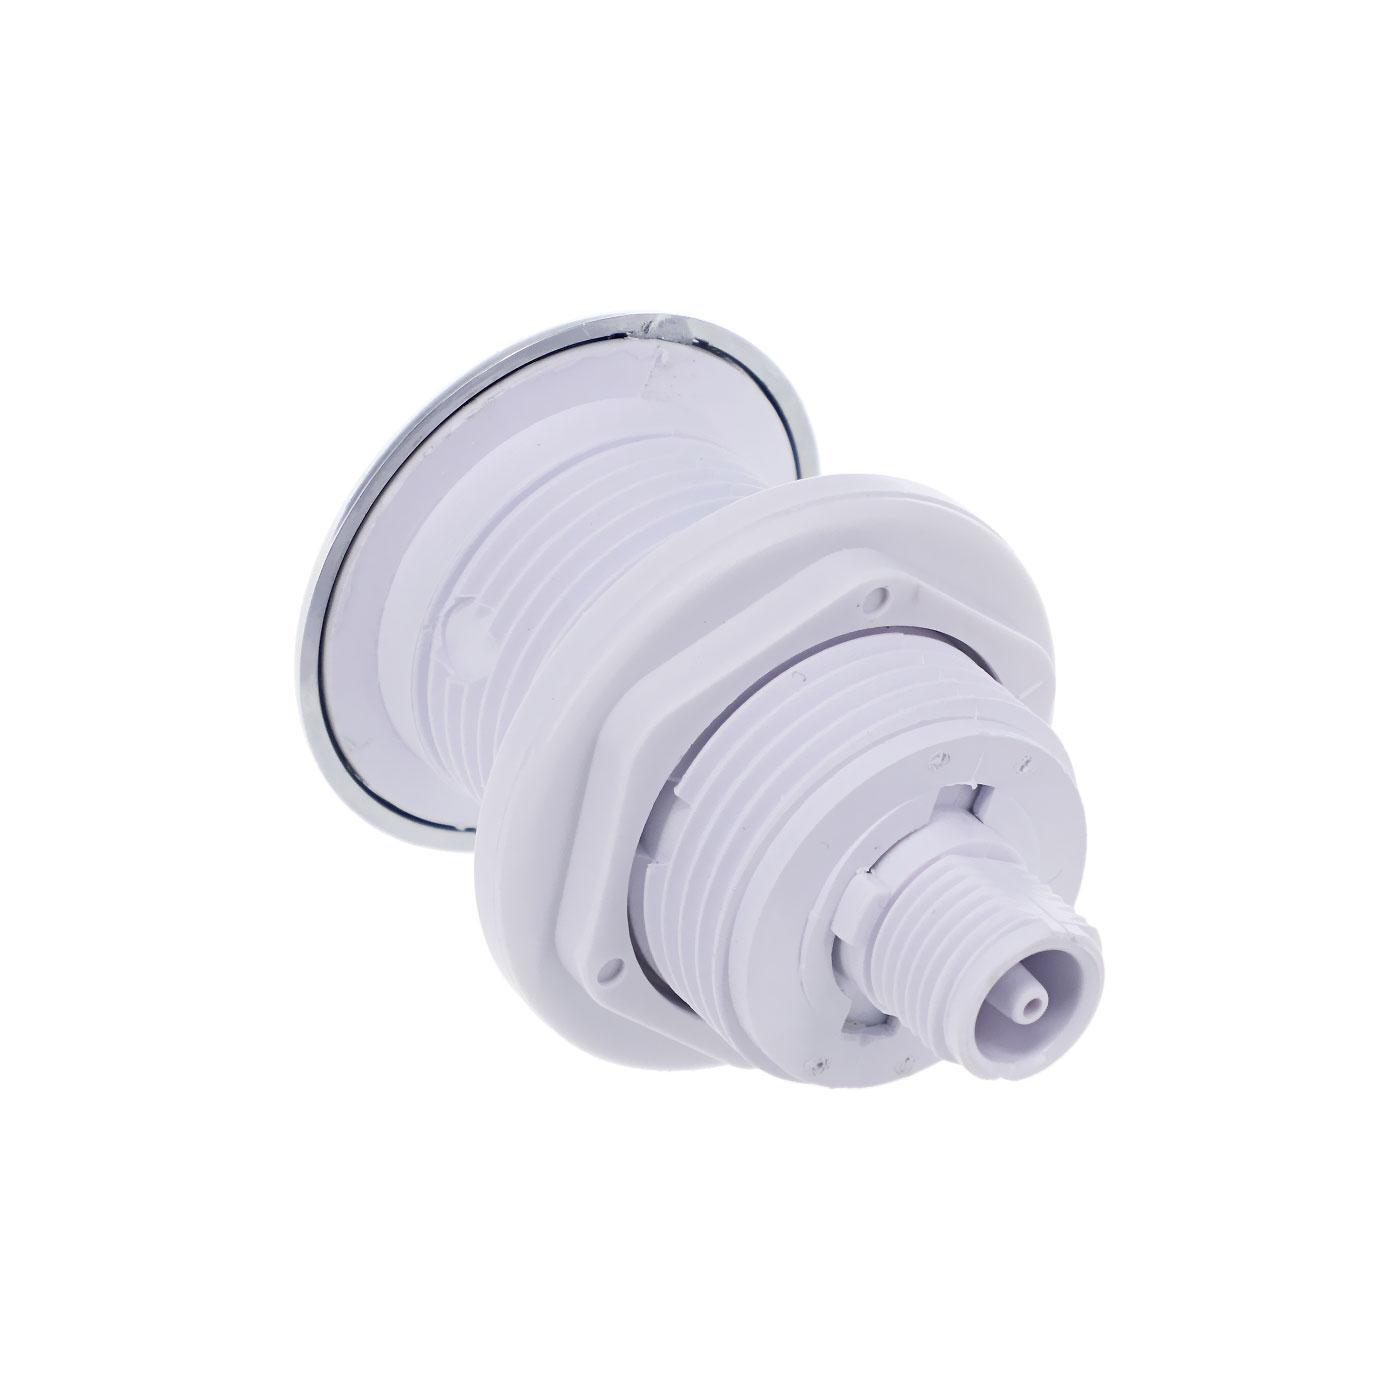 Bouton Pneumatique pour blower et pompe